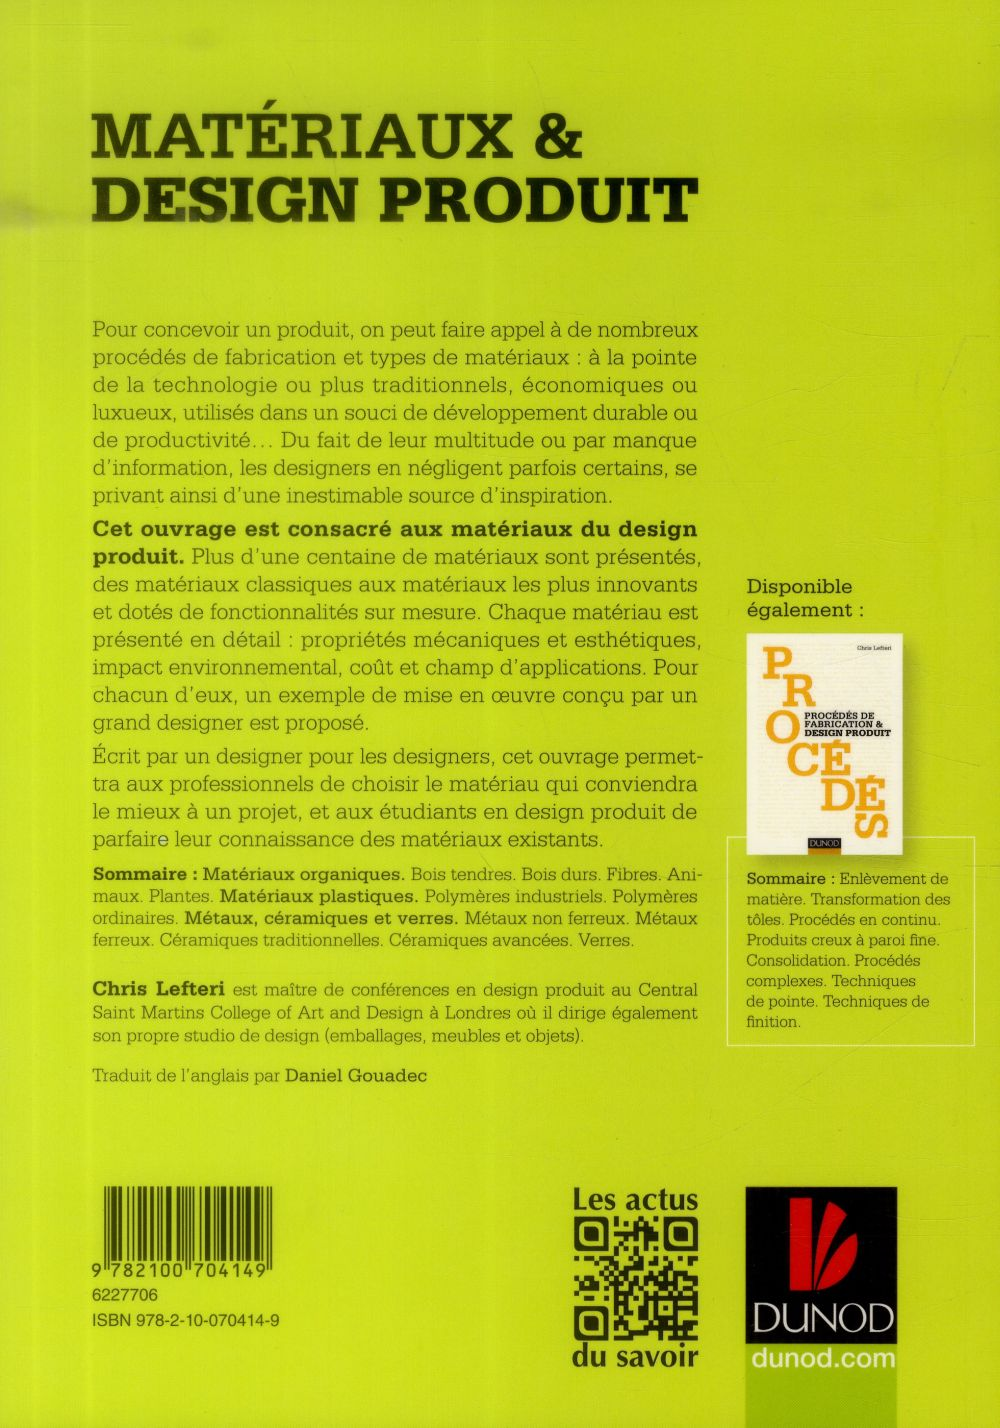 Matériaux & design produit